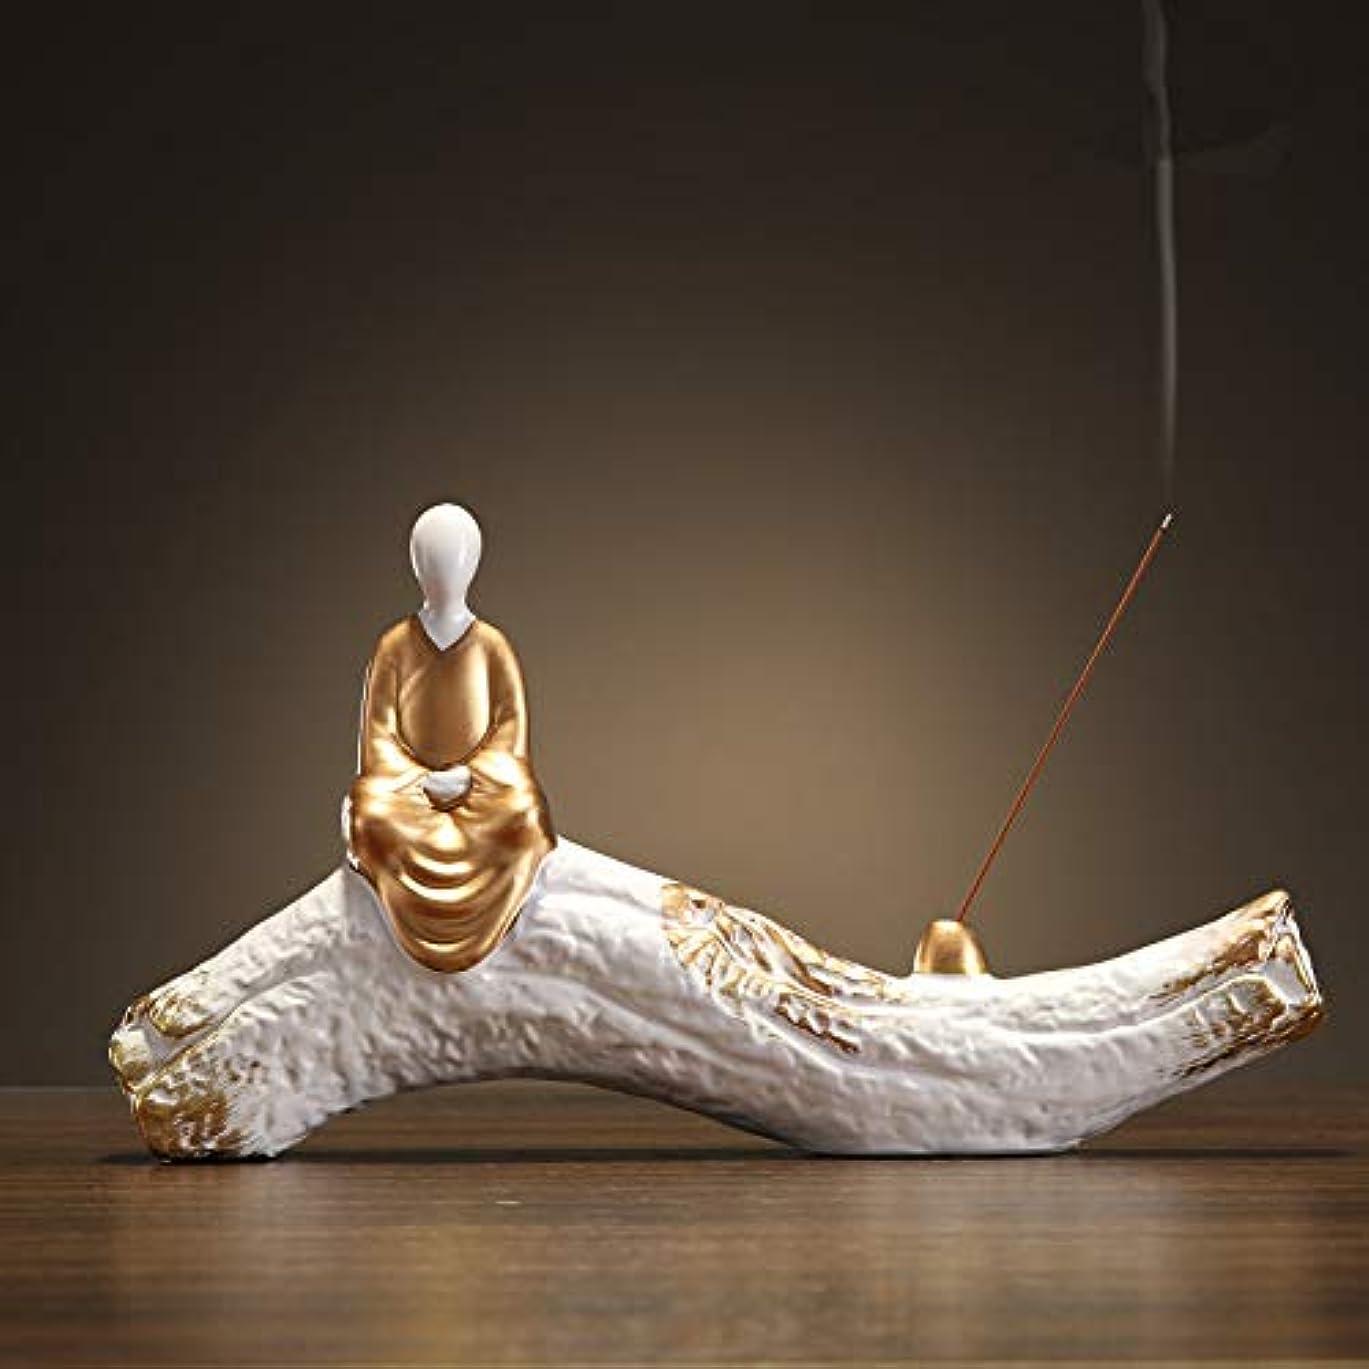 石害虫備品香炉手作り陶芸香炉コイル仏教香炉仏Bu炉香炉香スティックフレーム29 * 15.5cm